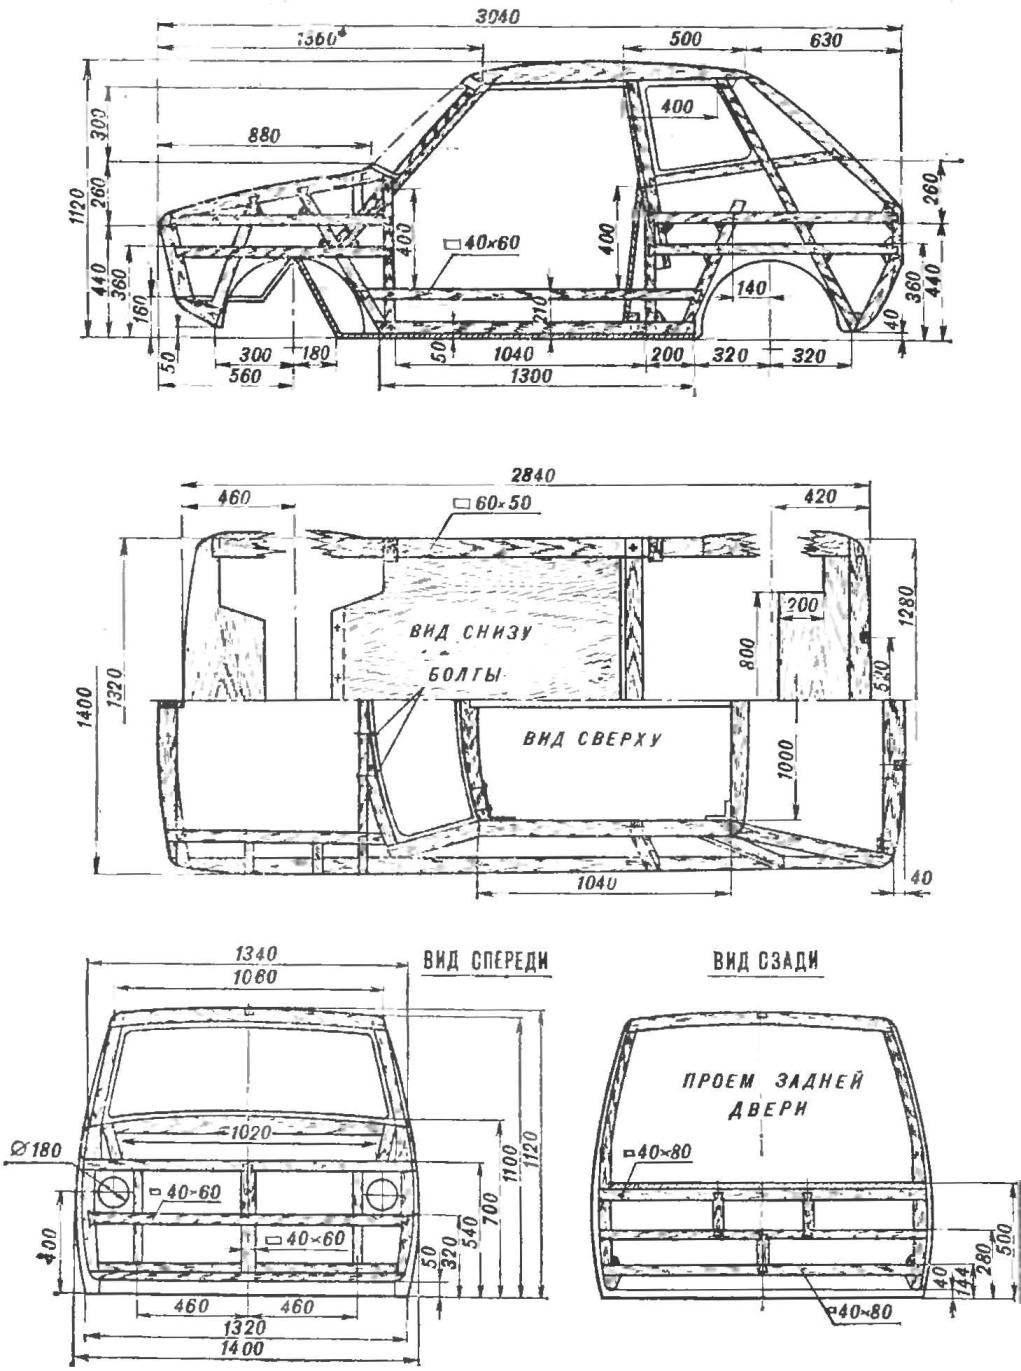 Рис. 3. Каркас кузова микроавтомобиля.